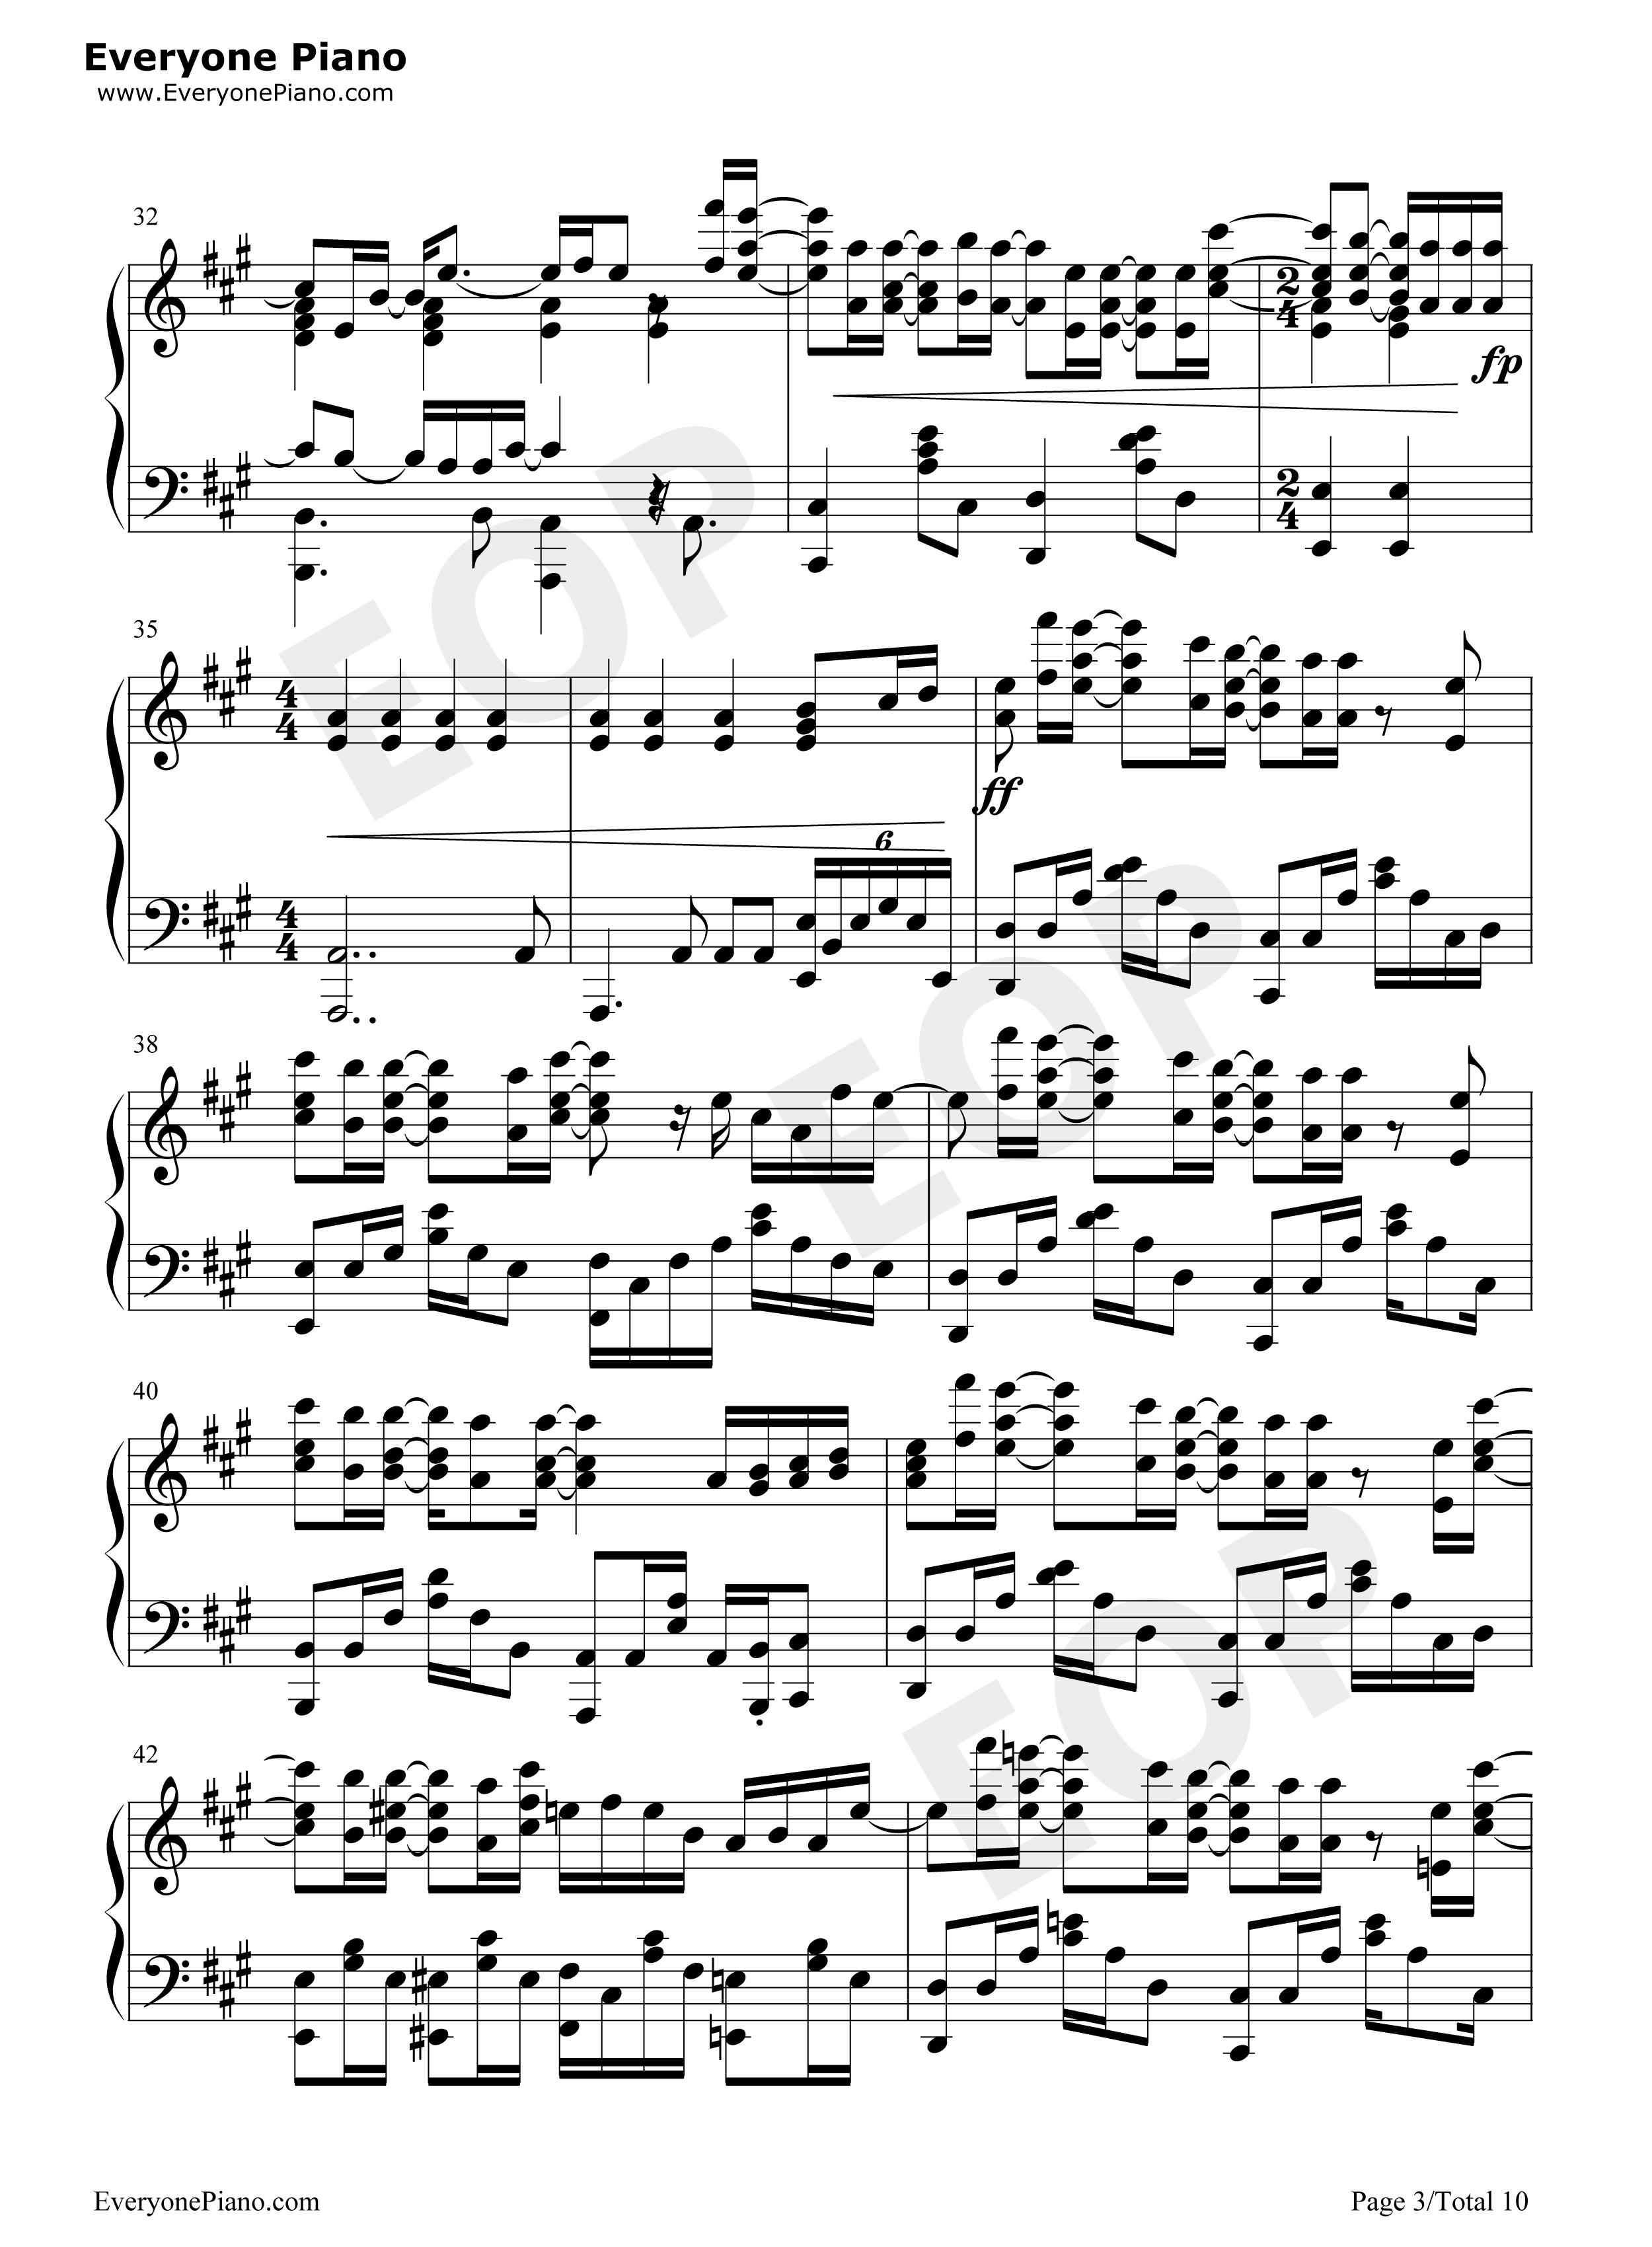 愛 に できること は まだ ある かい ピアノ 楽譜